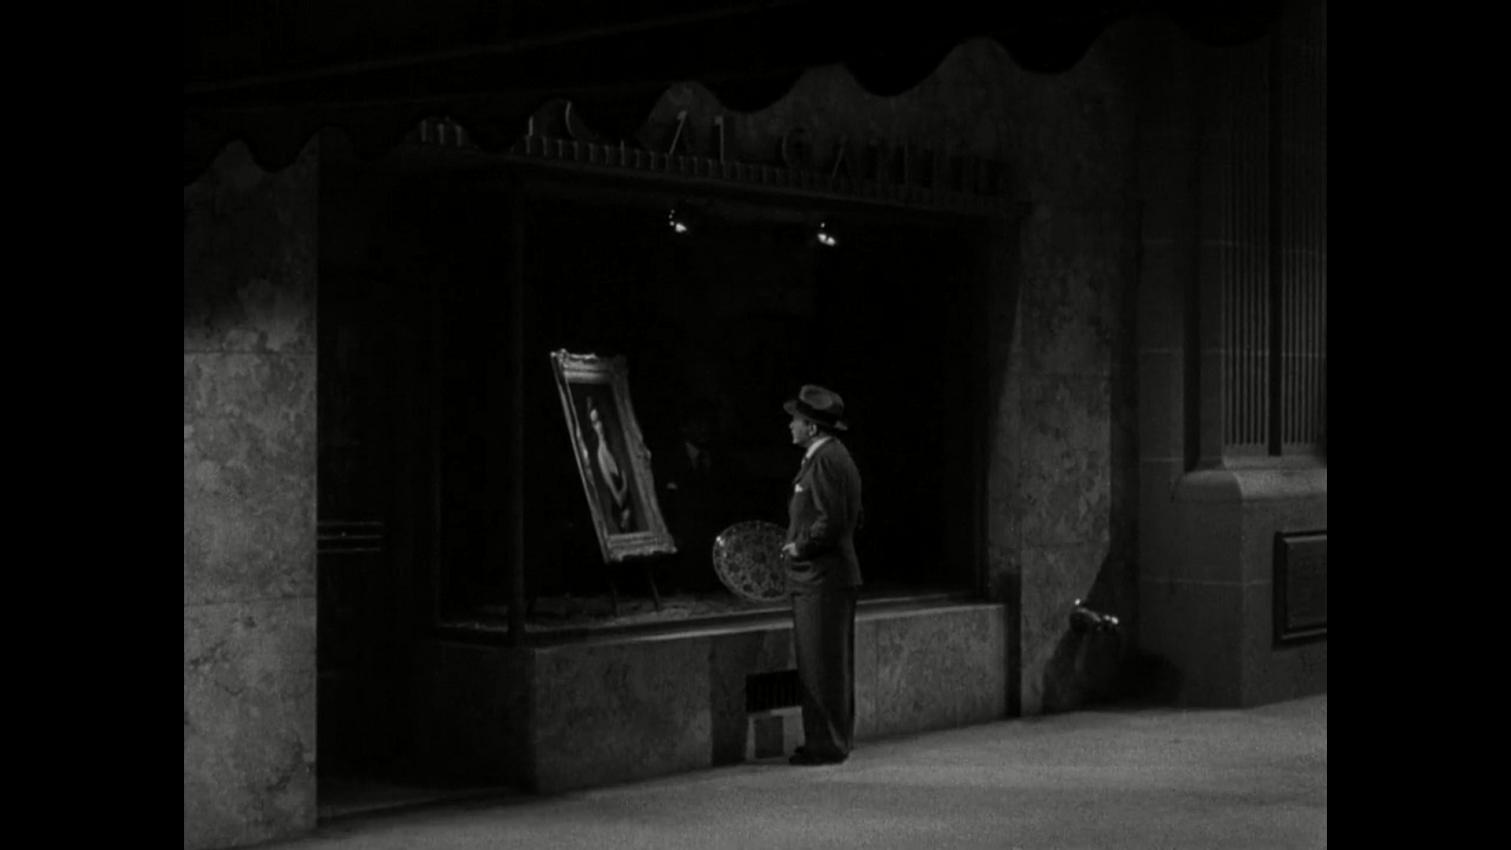 فیلم کلاسیک